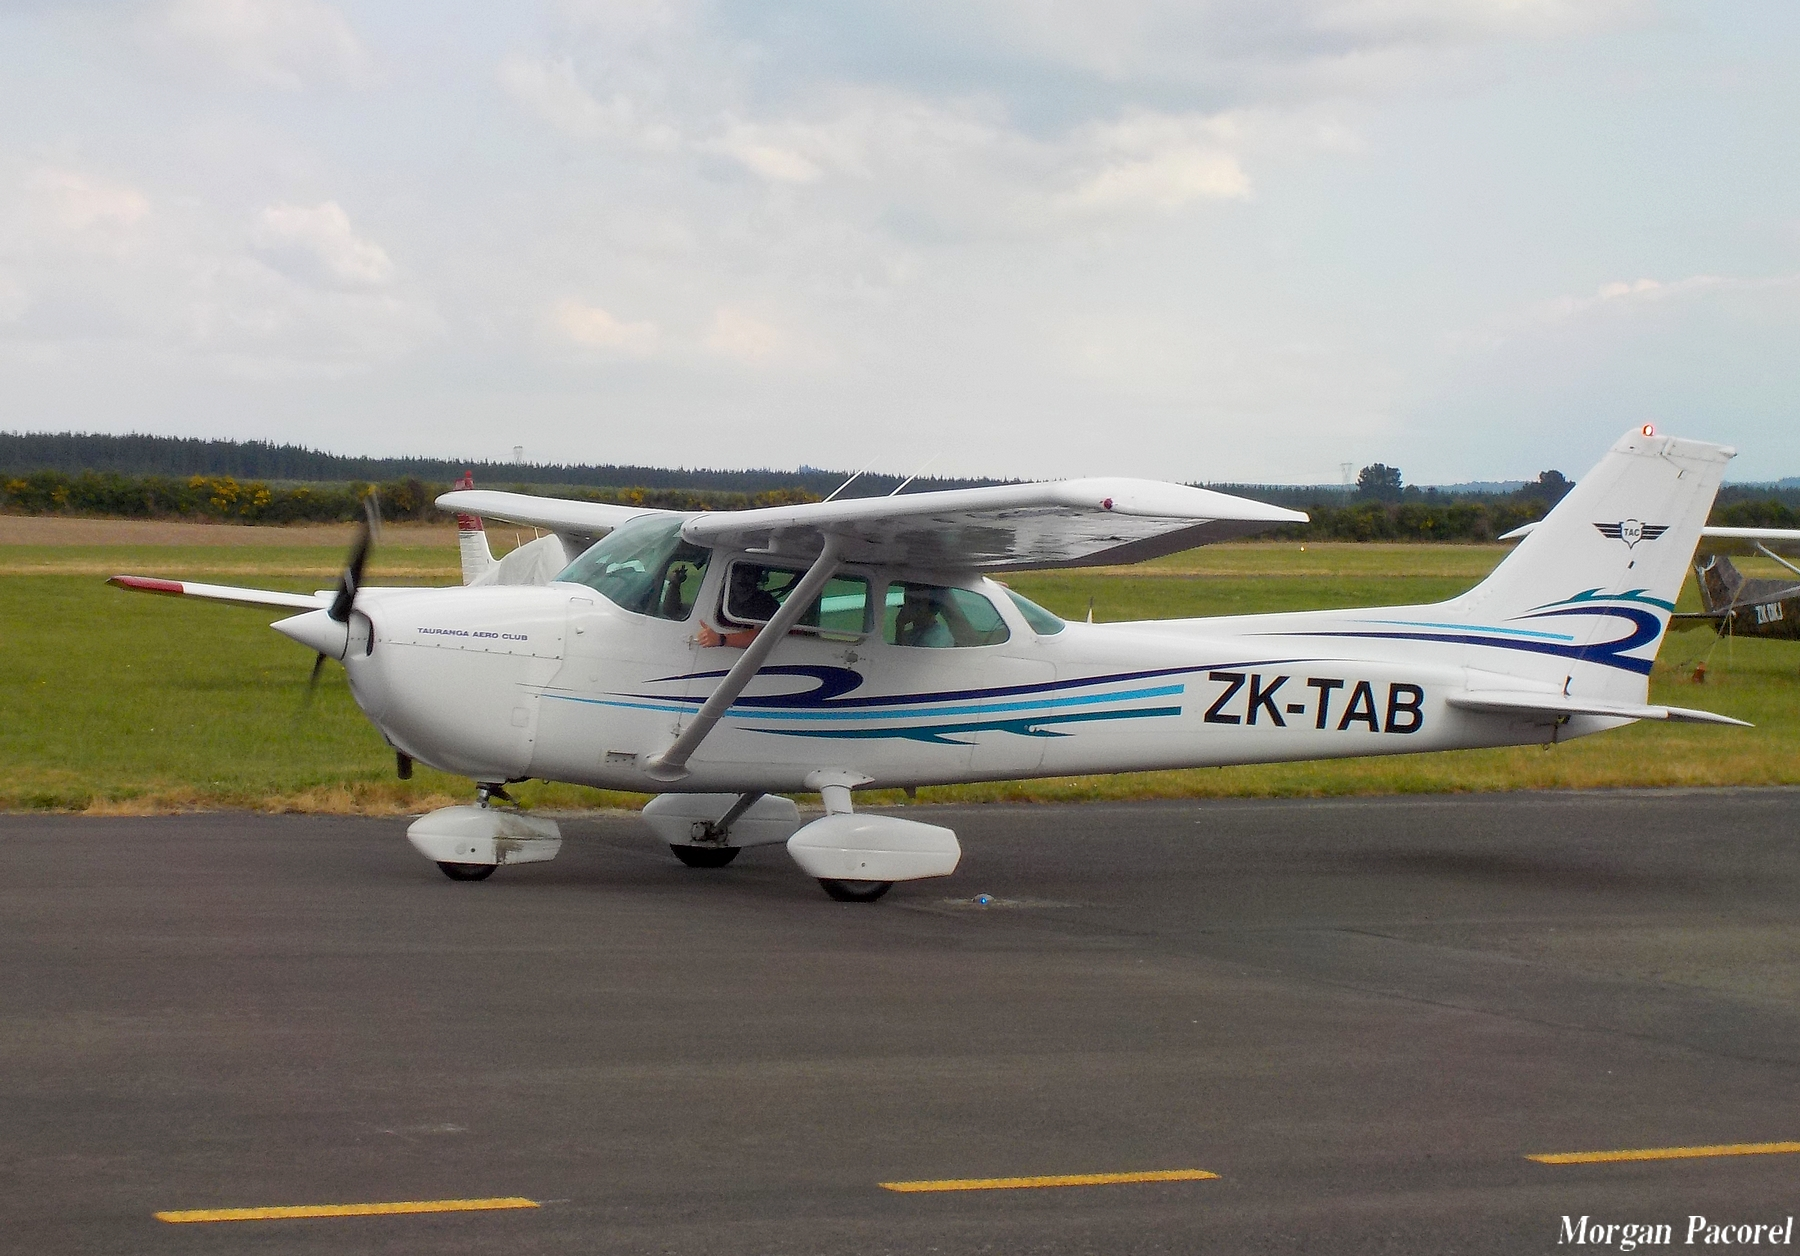 Nouvelle Zélande : spotting à Taupo et Wakatane 180103045449585816